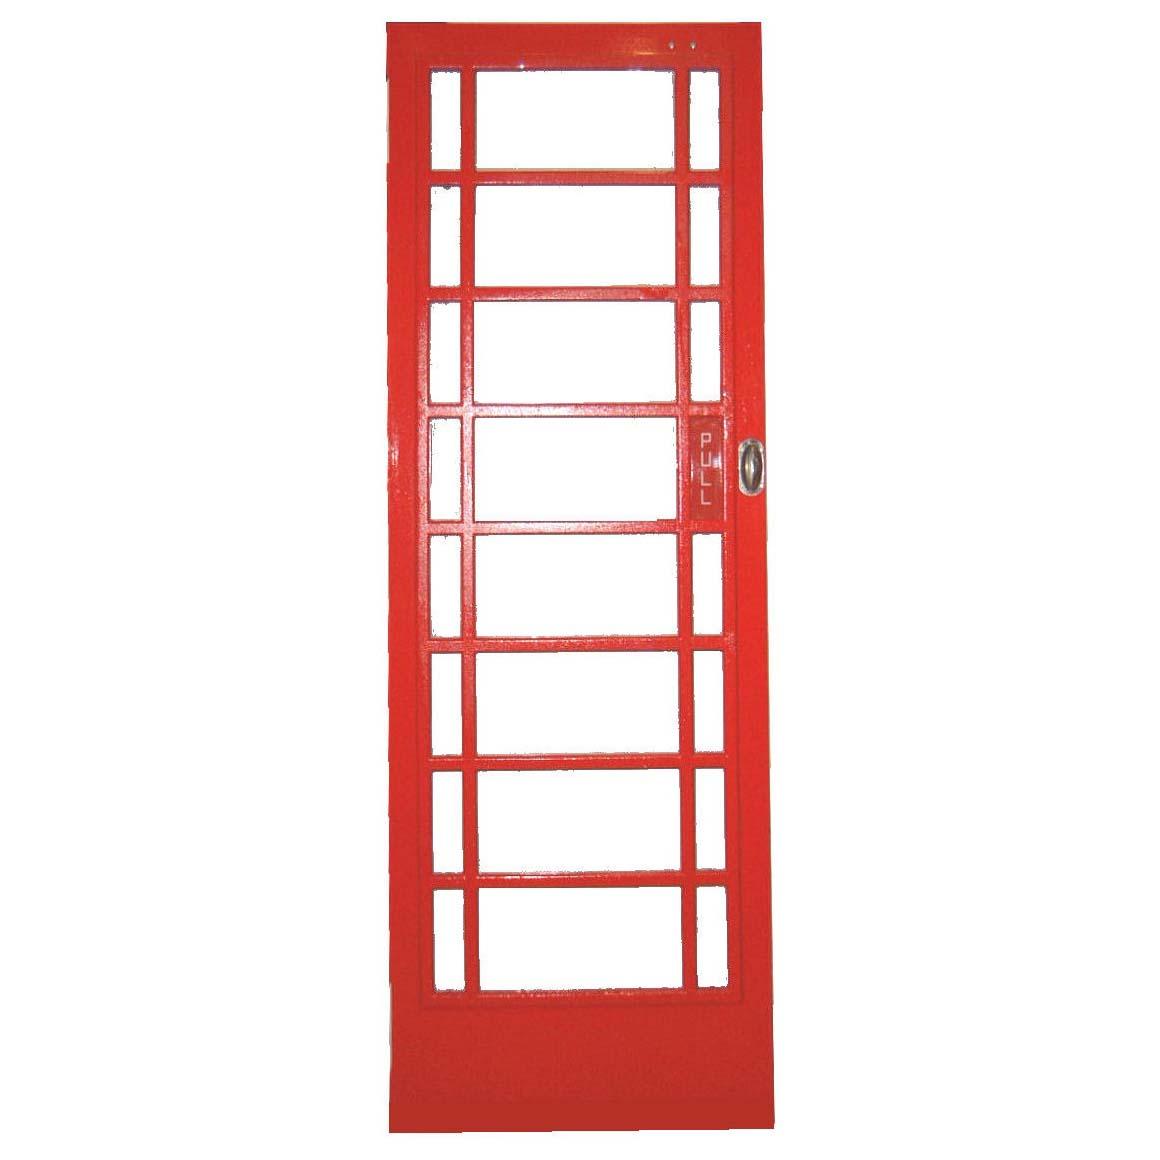 K6 DOOR COMPLETE - PAINTED - LH